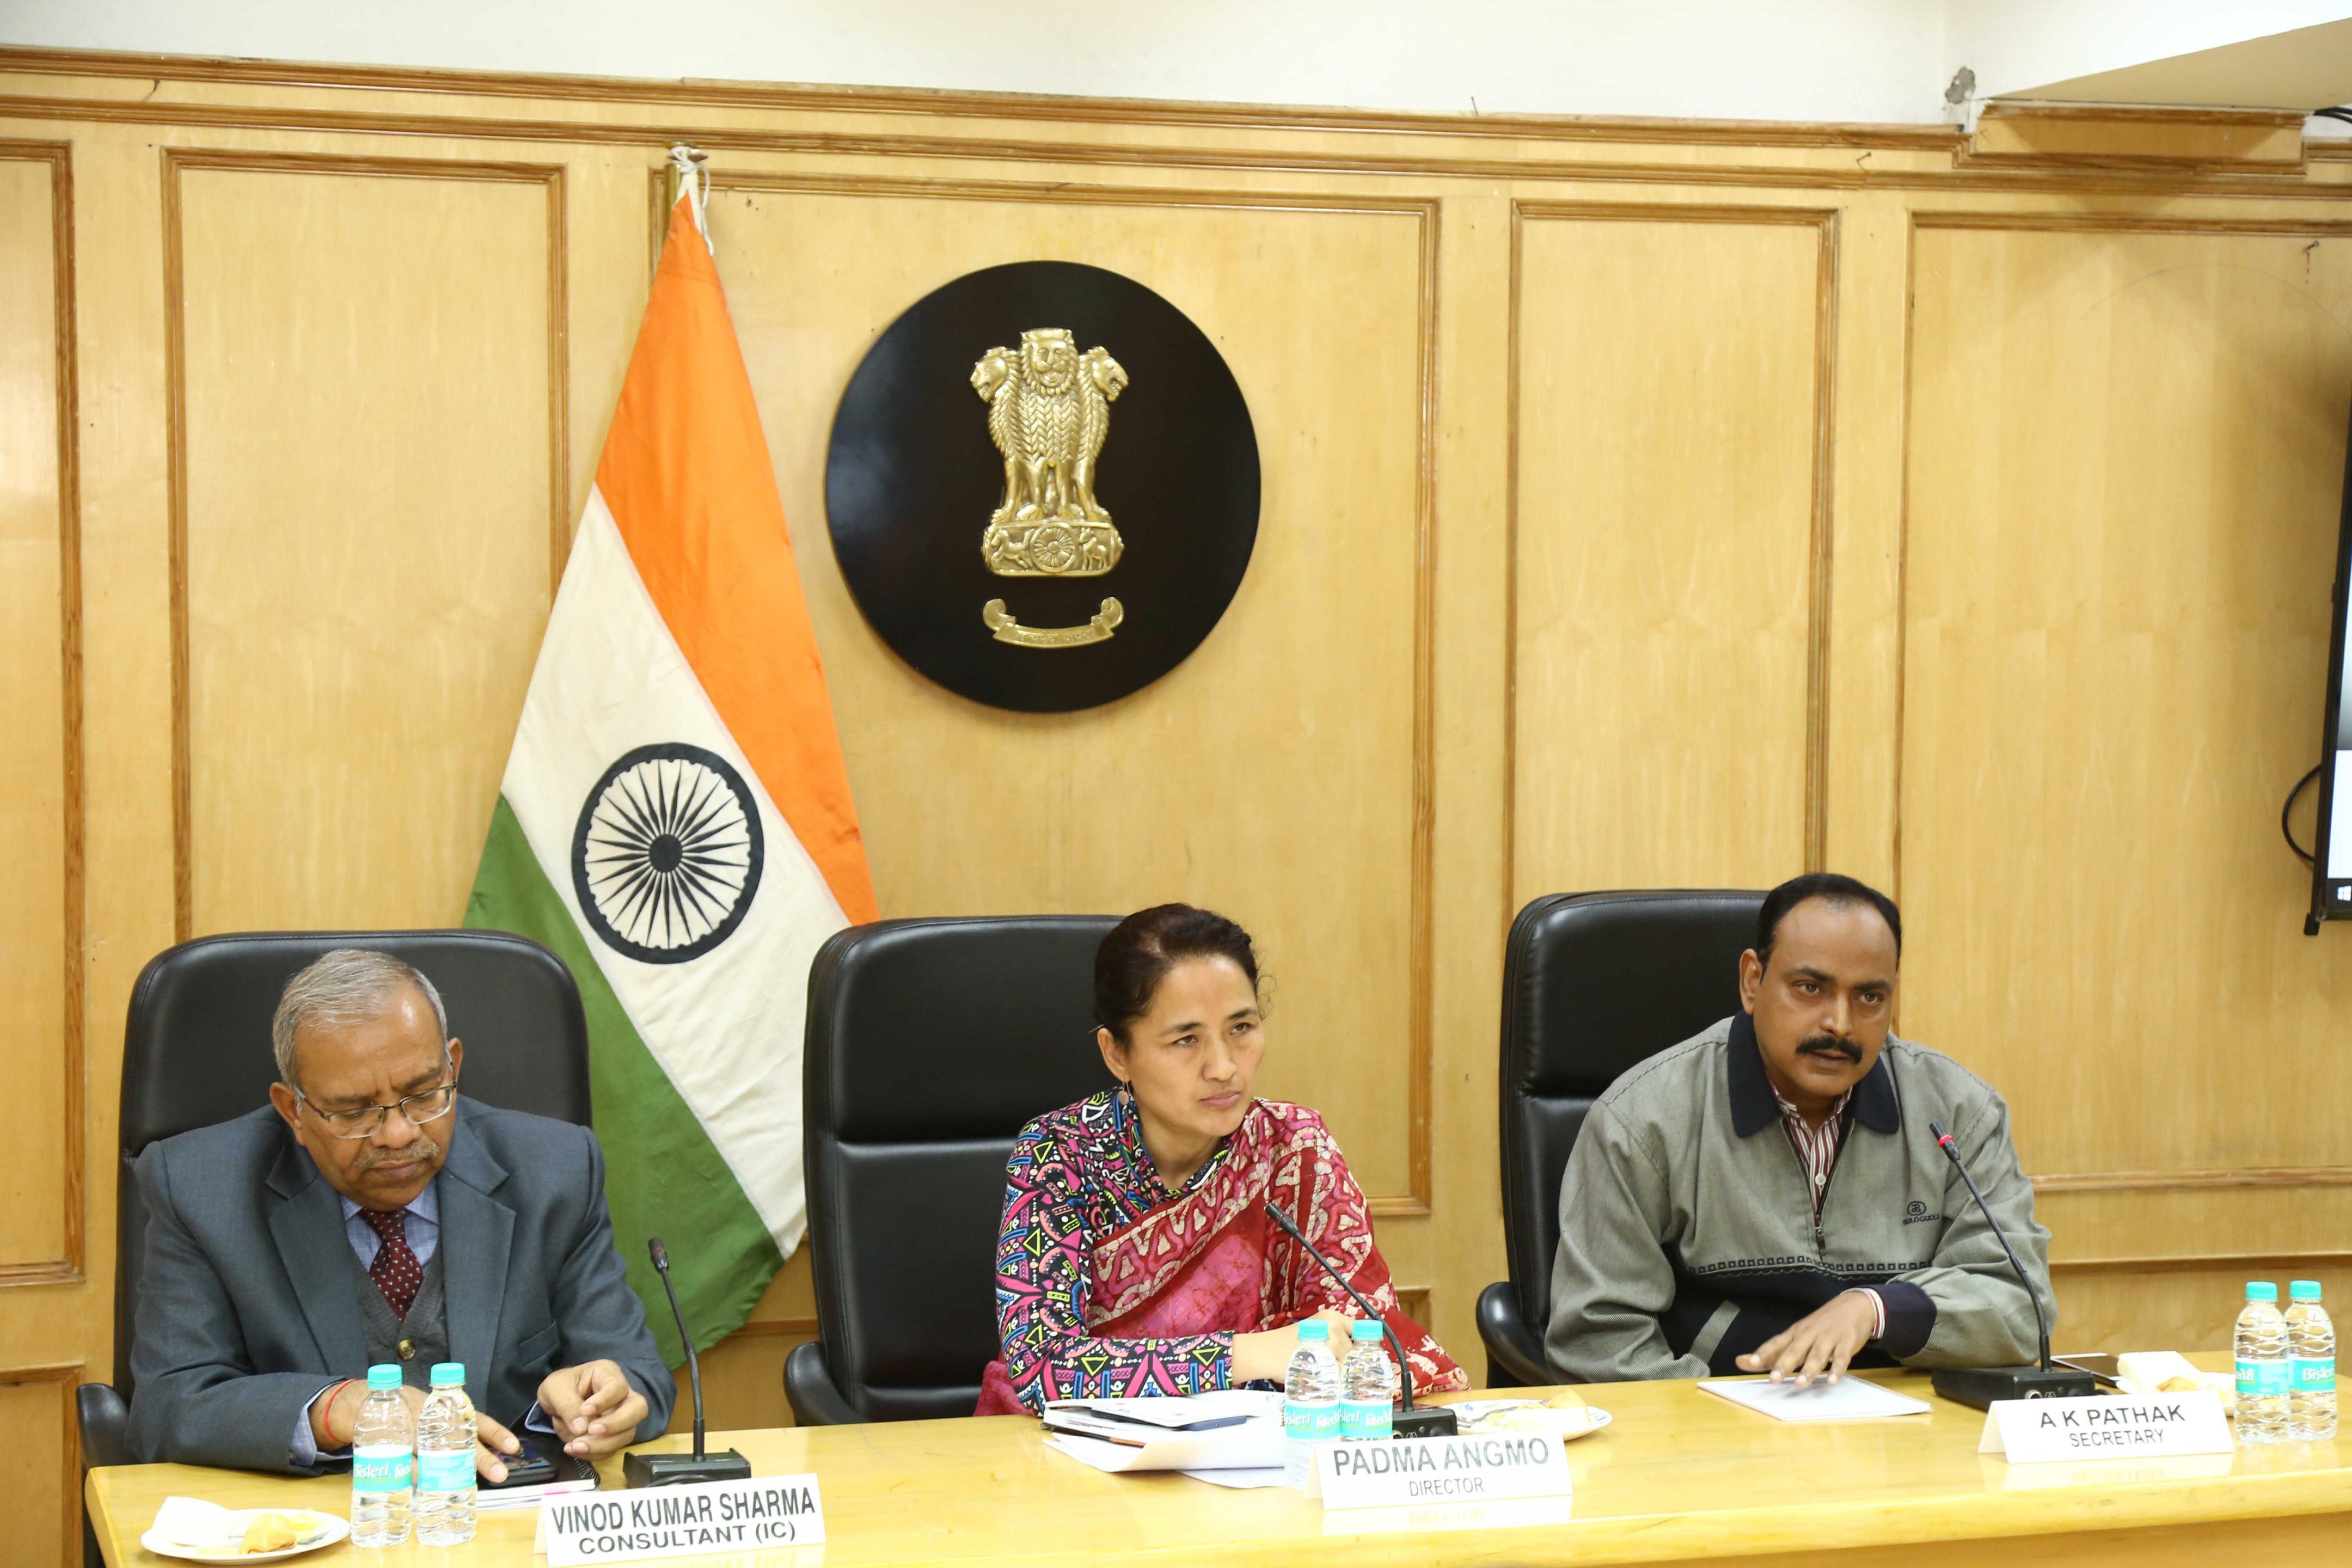 """""""भारत में निर्वाचन कैसे आयोजित किए जाते हैं और इस संबंध में श्रेष्ठ प्रथाएं"""" विषय पर ब्रीफिंग सत्र के दौरान (बाएं से दाएं) श्री विनोद कुमार शर्मा, सलाहकार (आईसी), सुश्री पद्मा आंगमो, निदेशक और श्री आनंद कुमार पाठक, सचिव"""